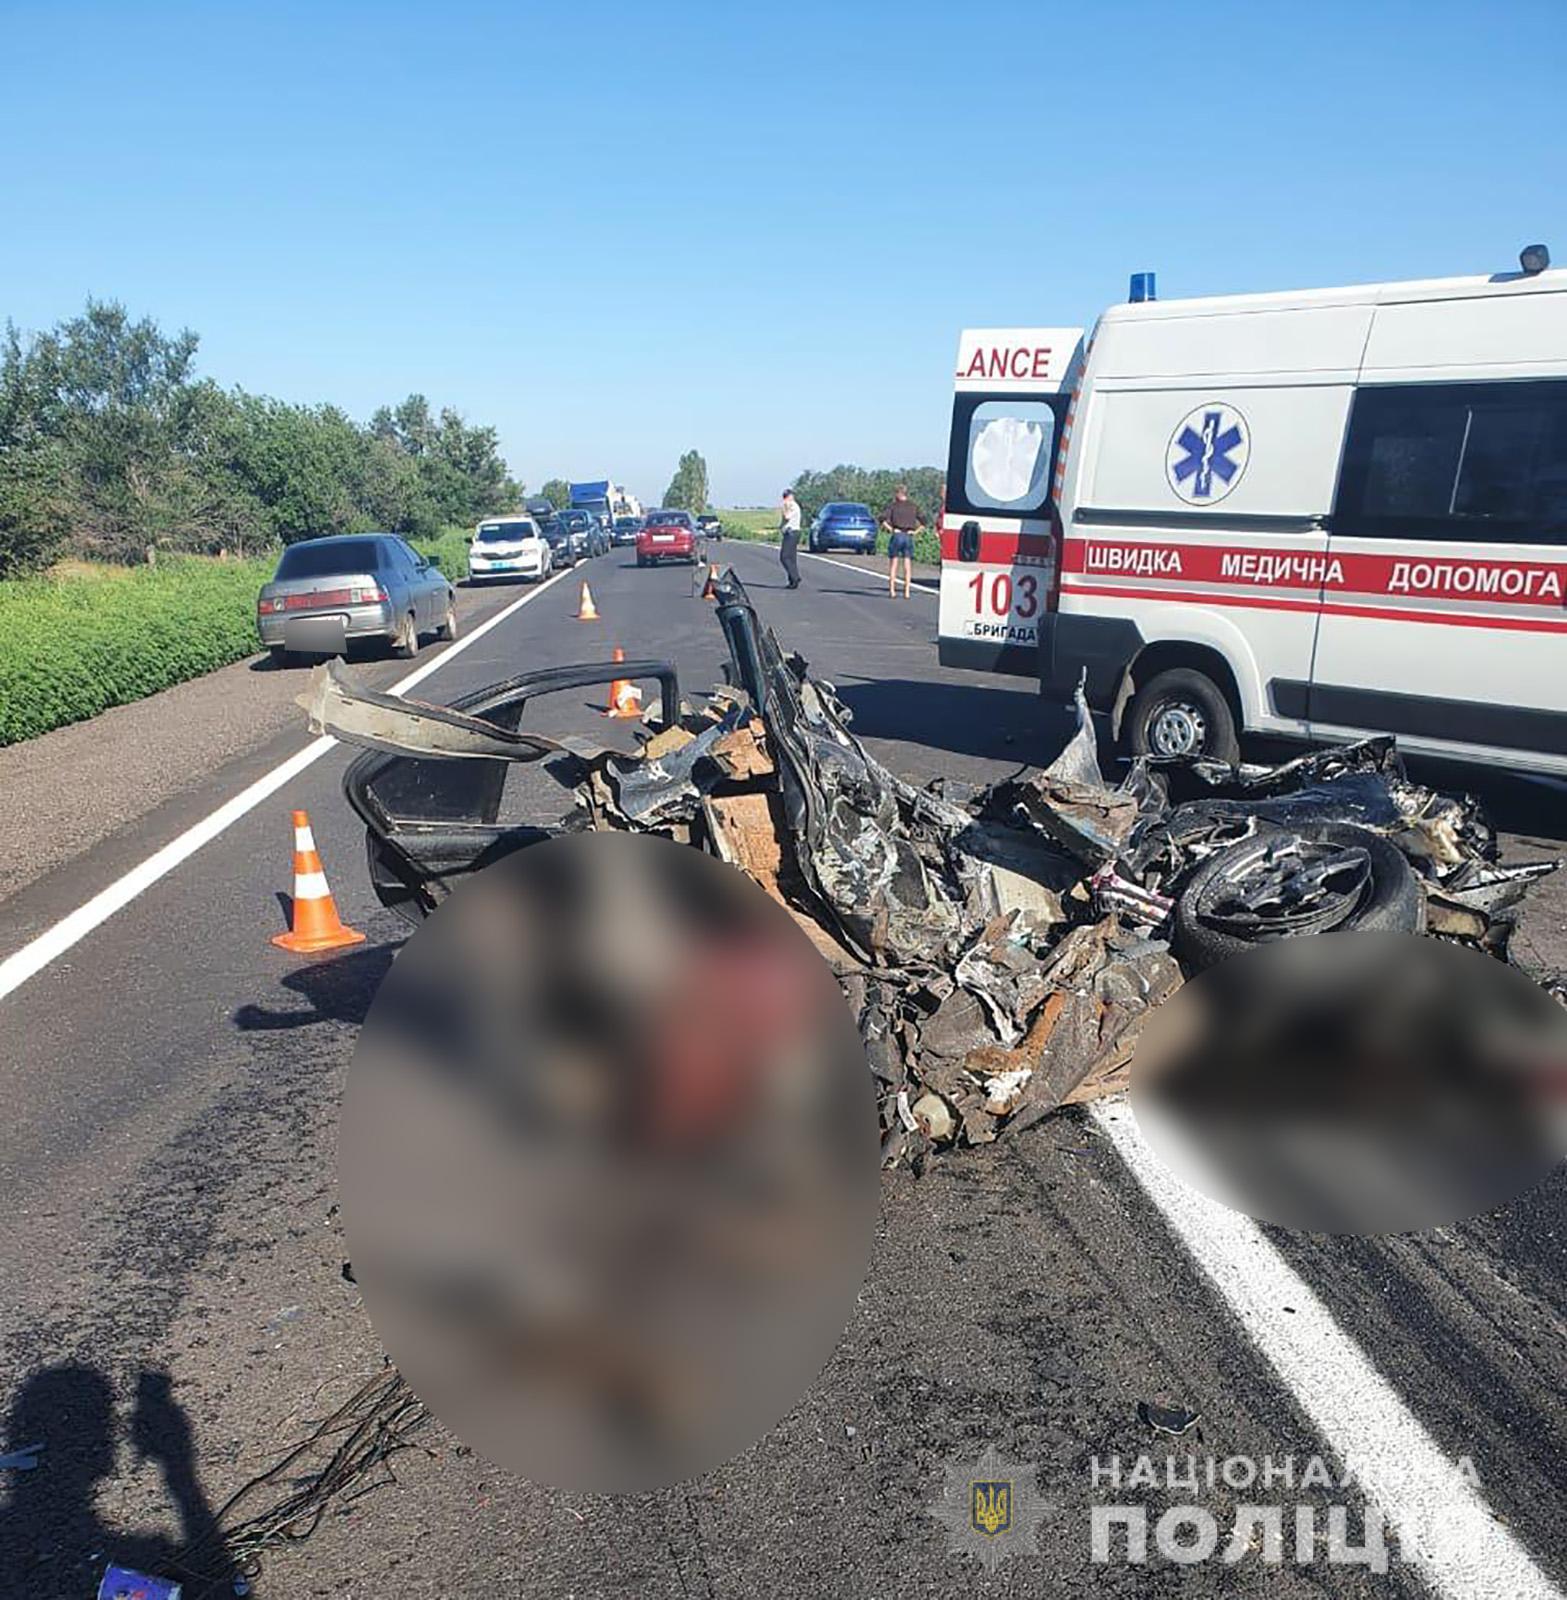 Під Запоріжжям фура розірвала BMW на частини, чотири людини загинули